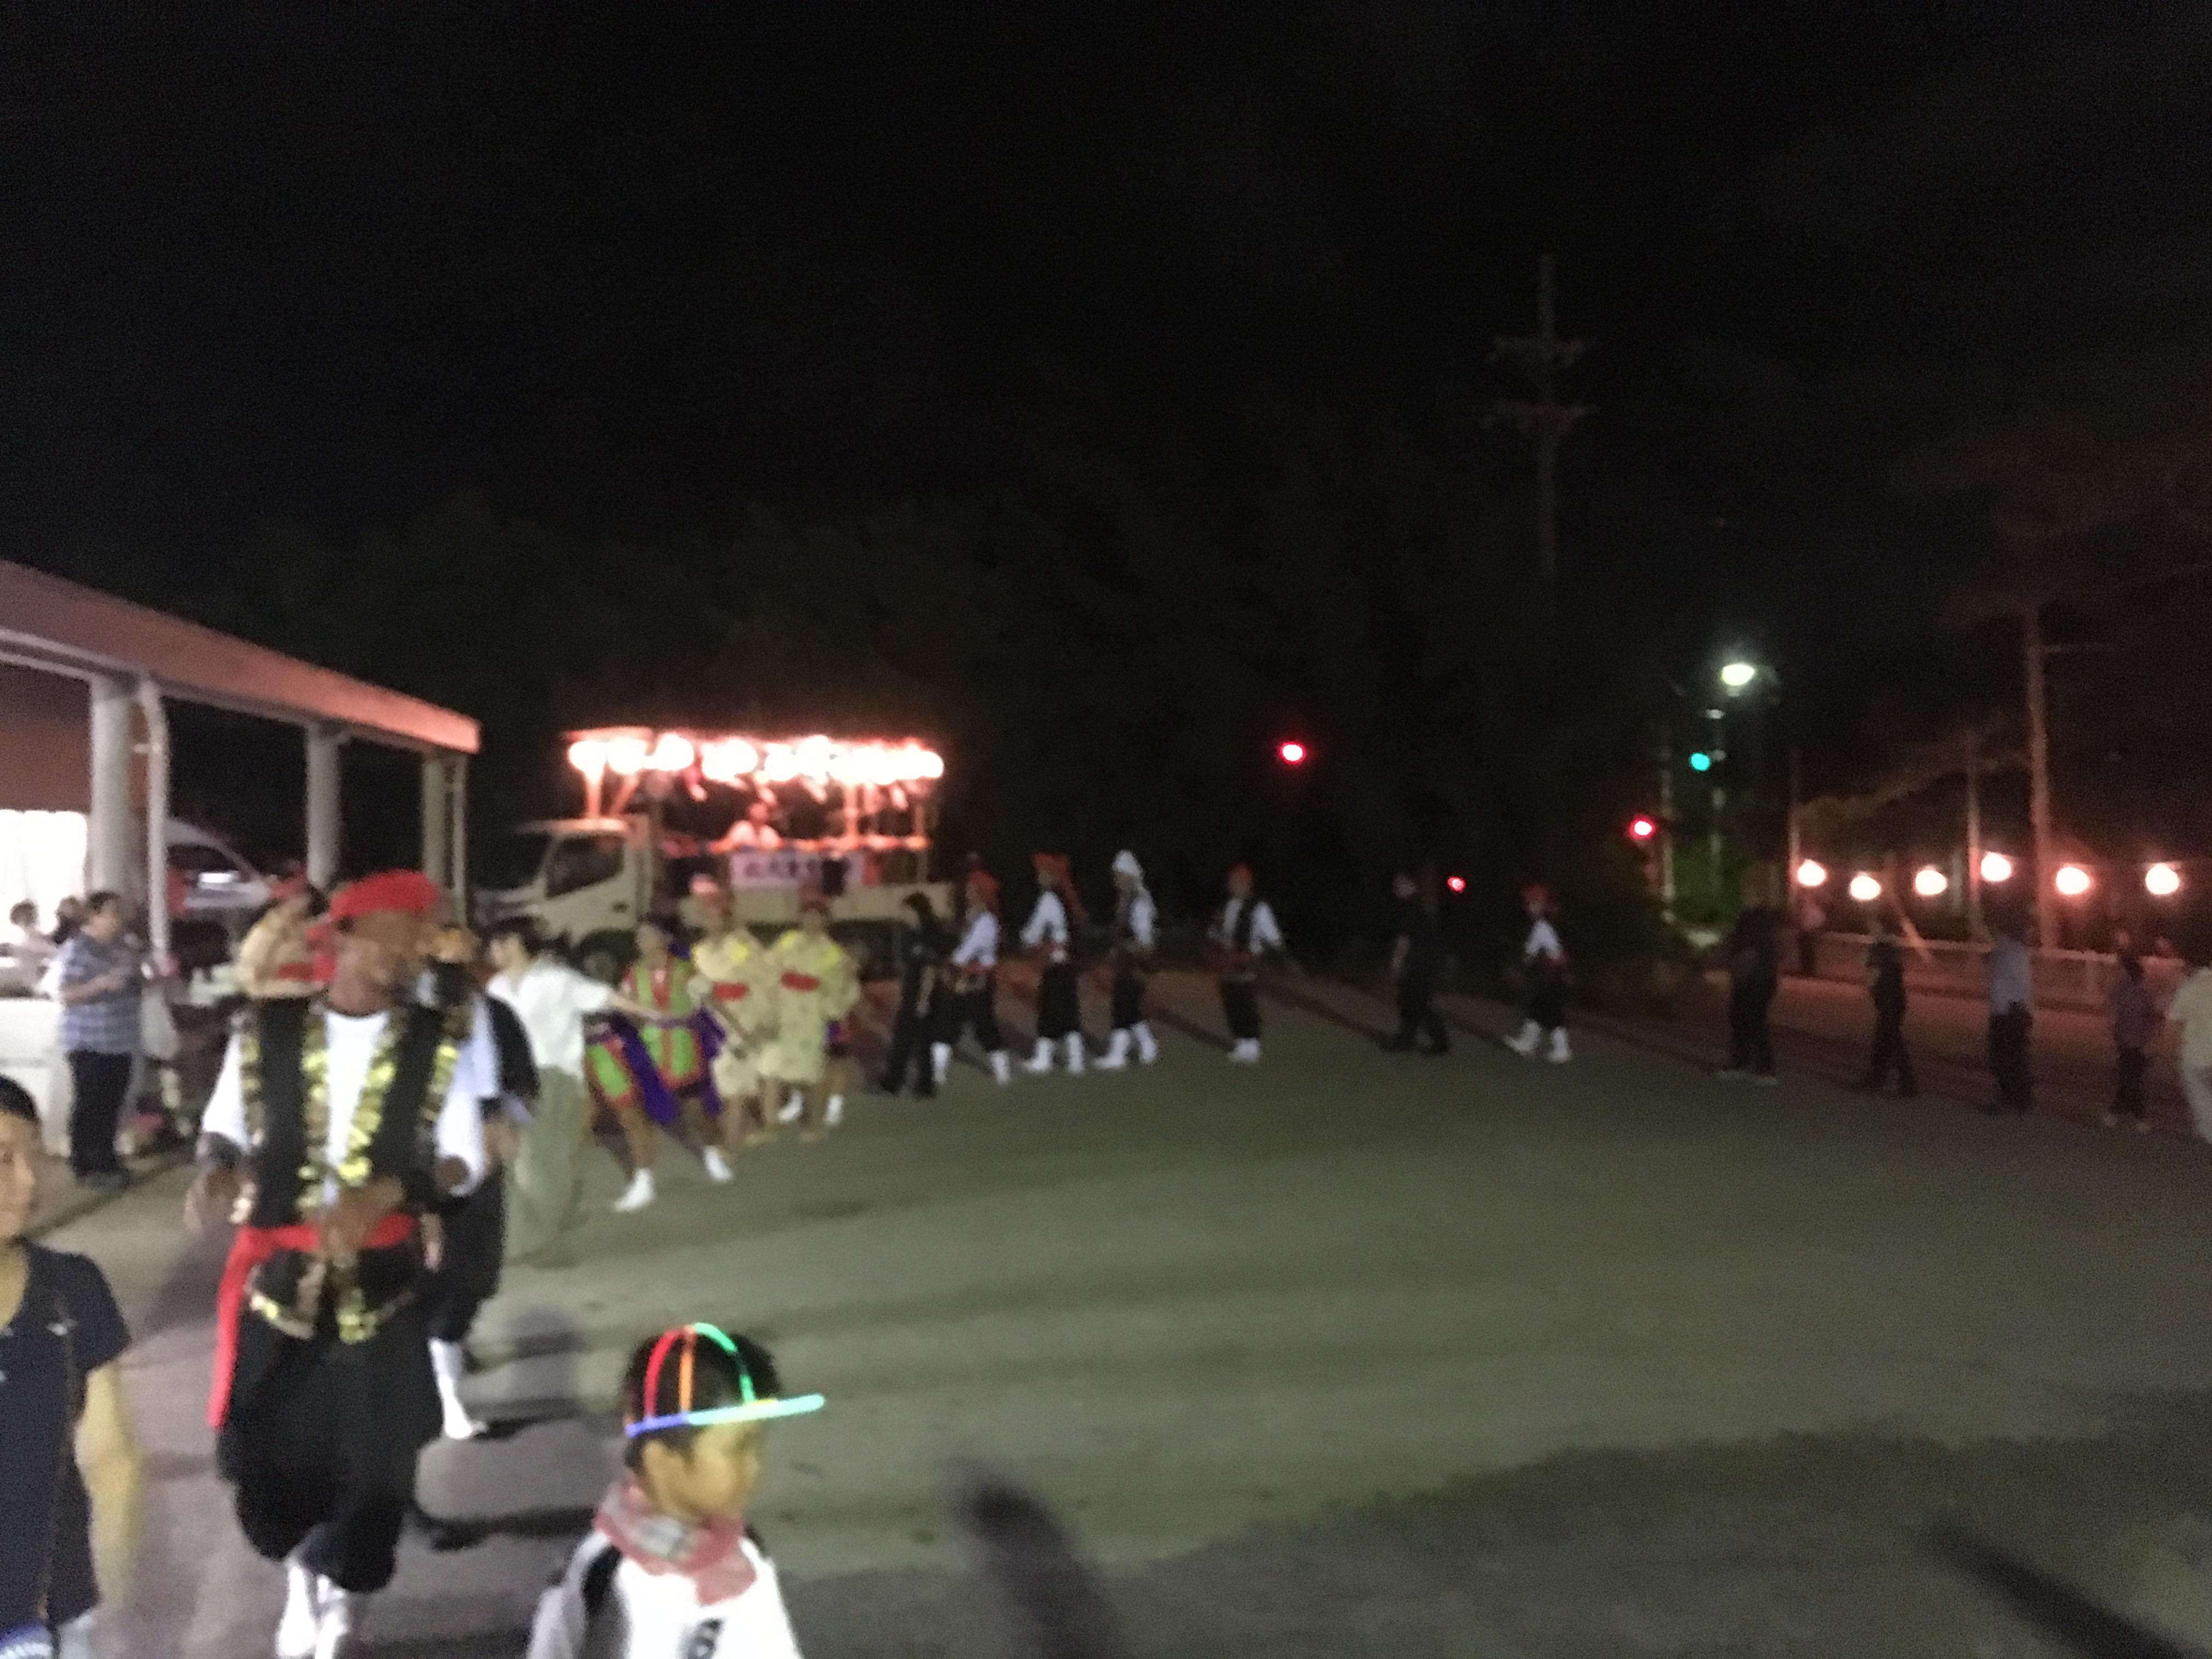 文化の融合する北大東村ならではの旧盆行事「エイサー&盆踊り」